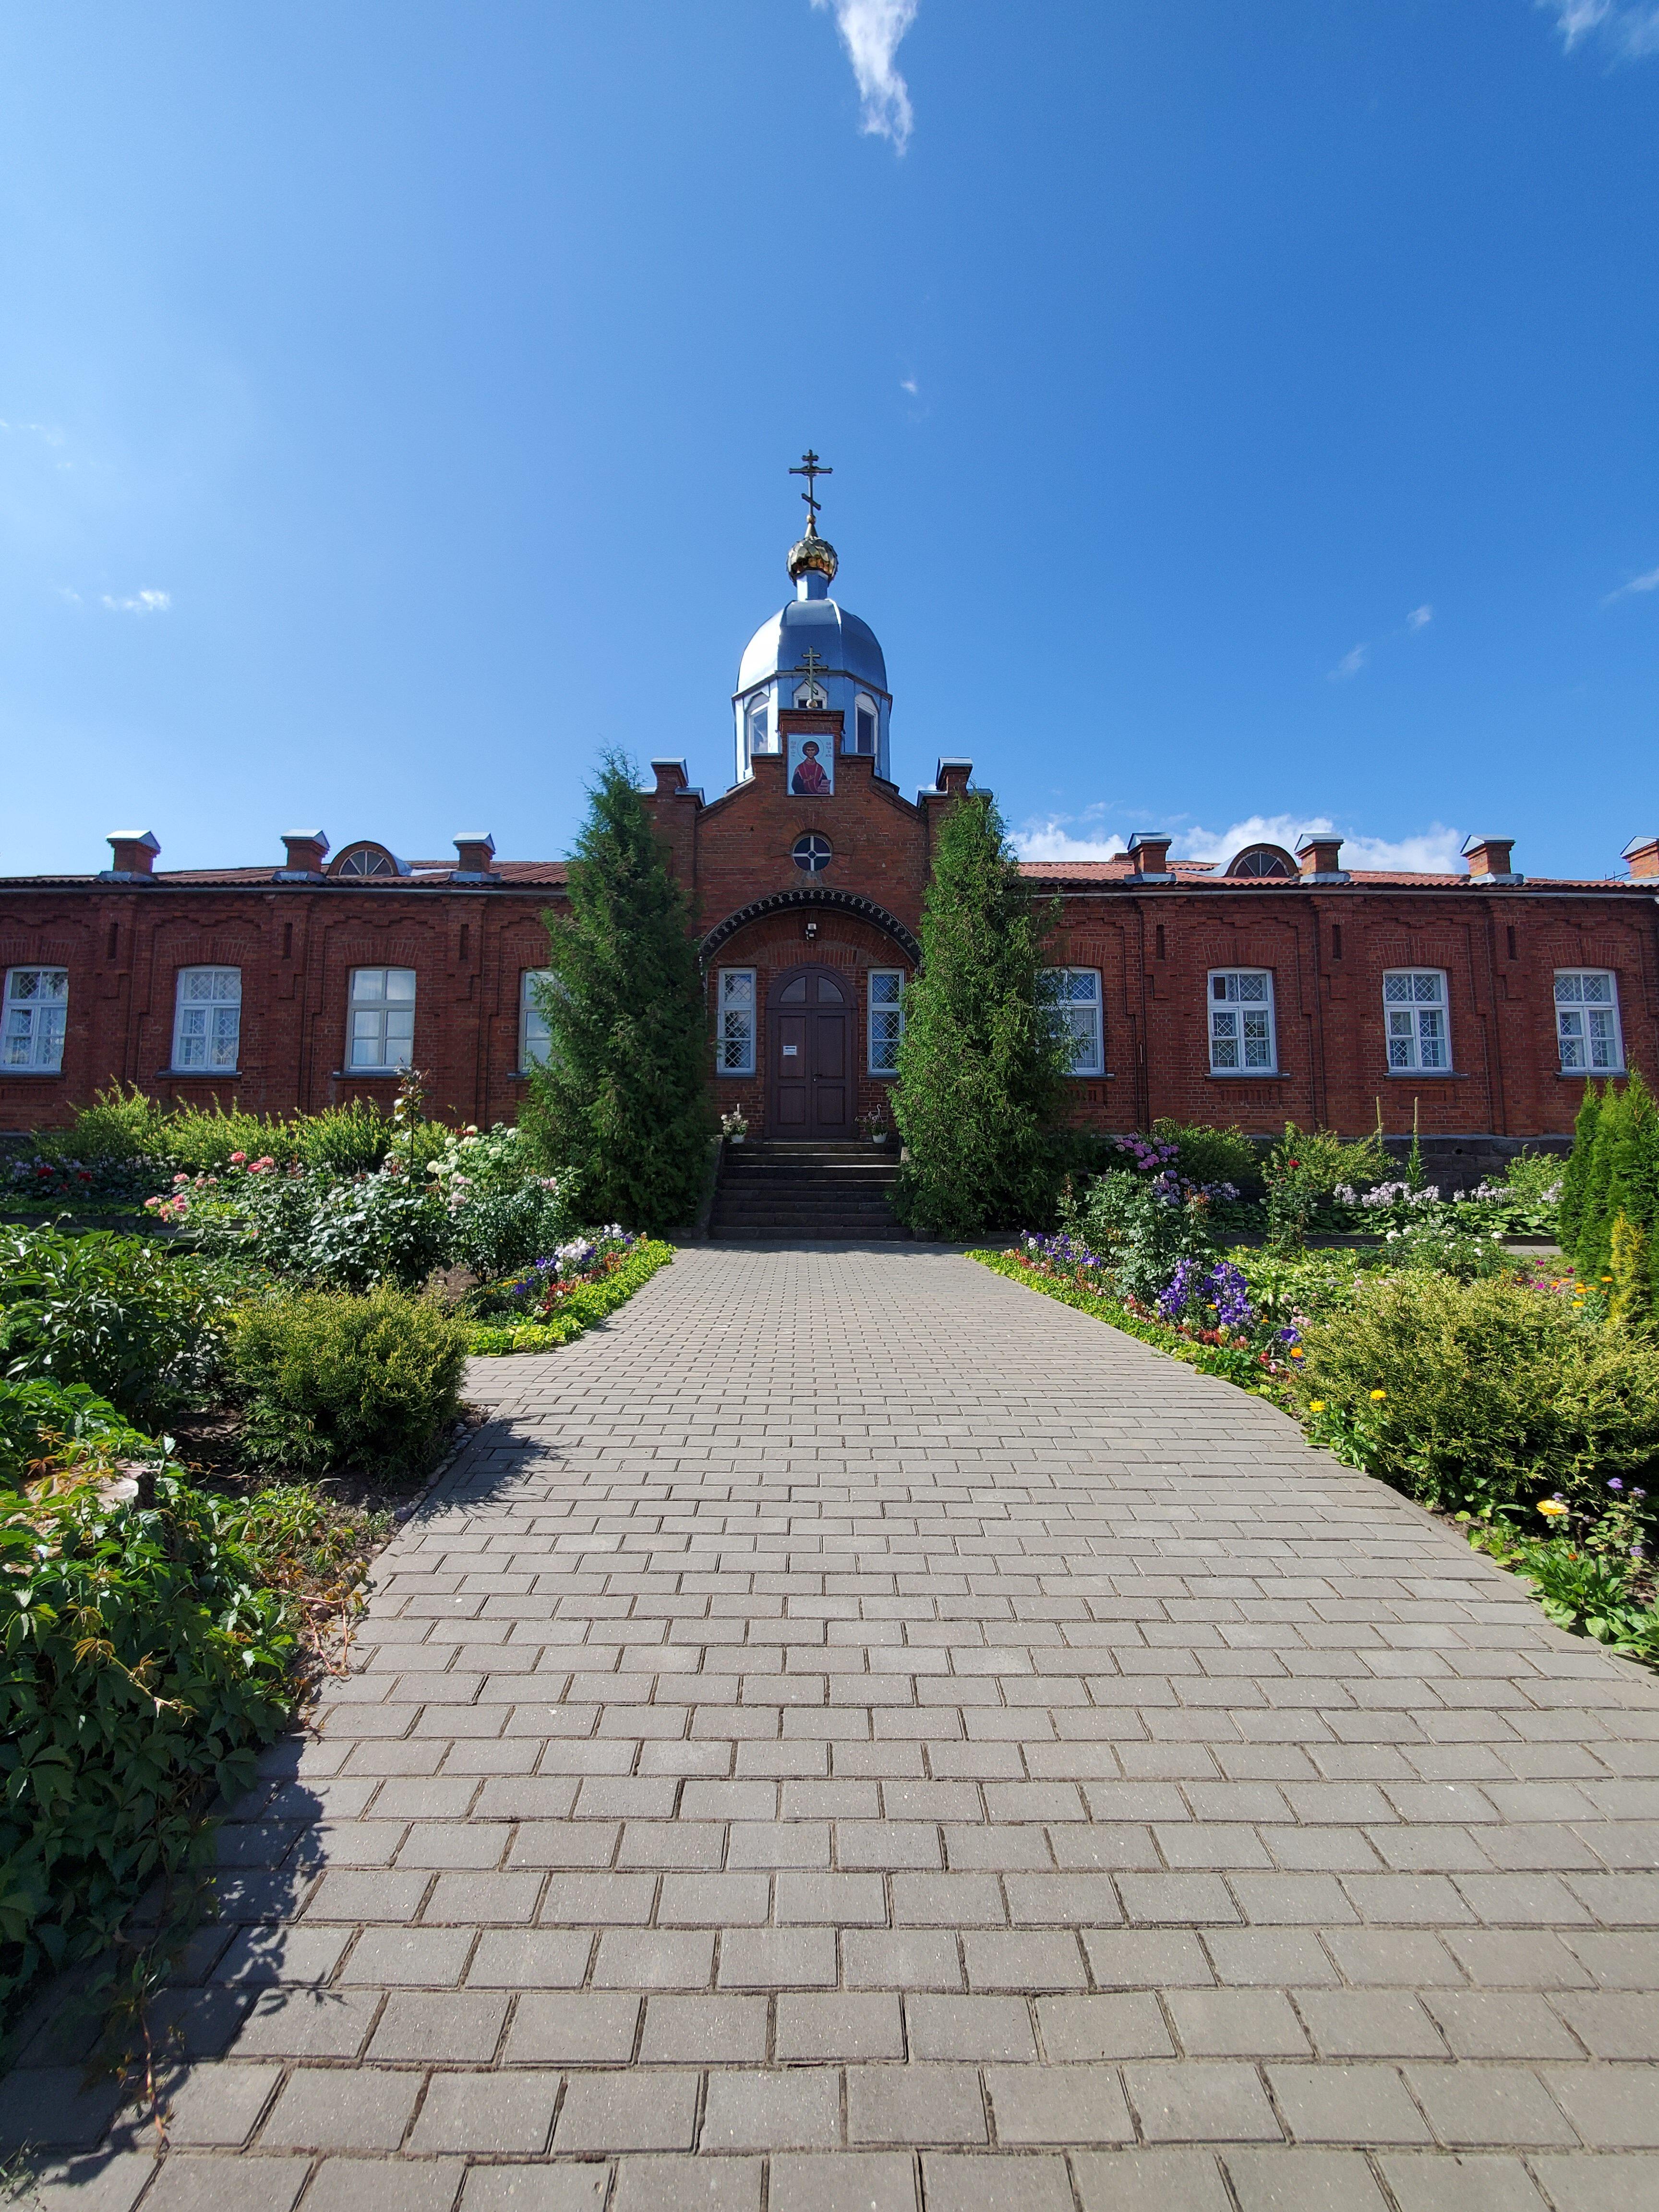 20200801 113430 rotated - Свято-Пантелеимоновский женский монастырь в Браславе